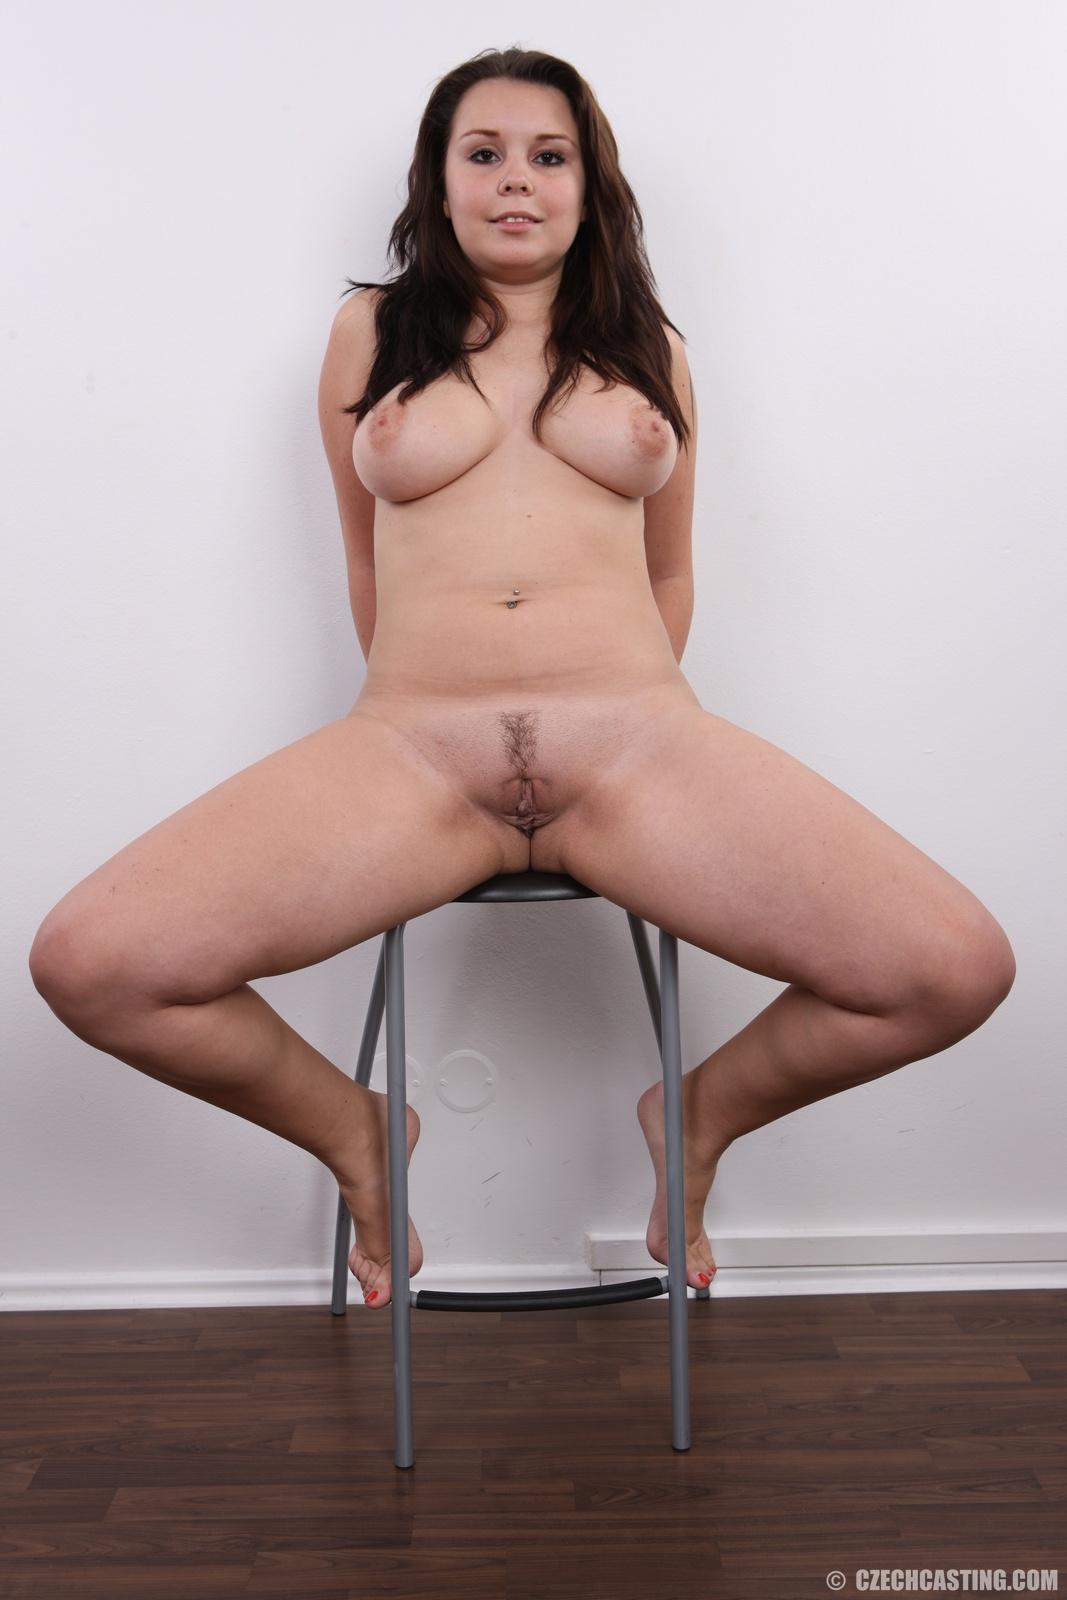 Fotos de mujeres peludas desnudas, mujeres naturales